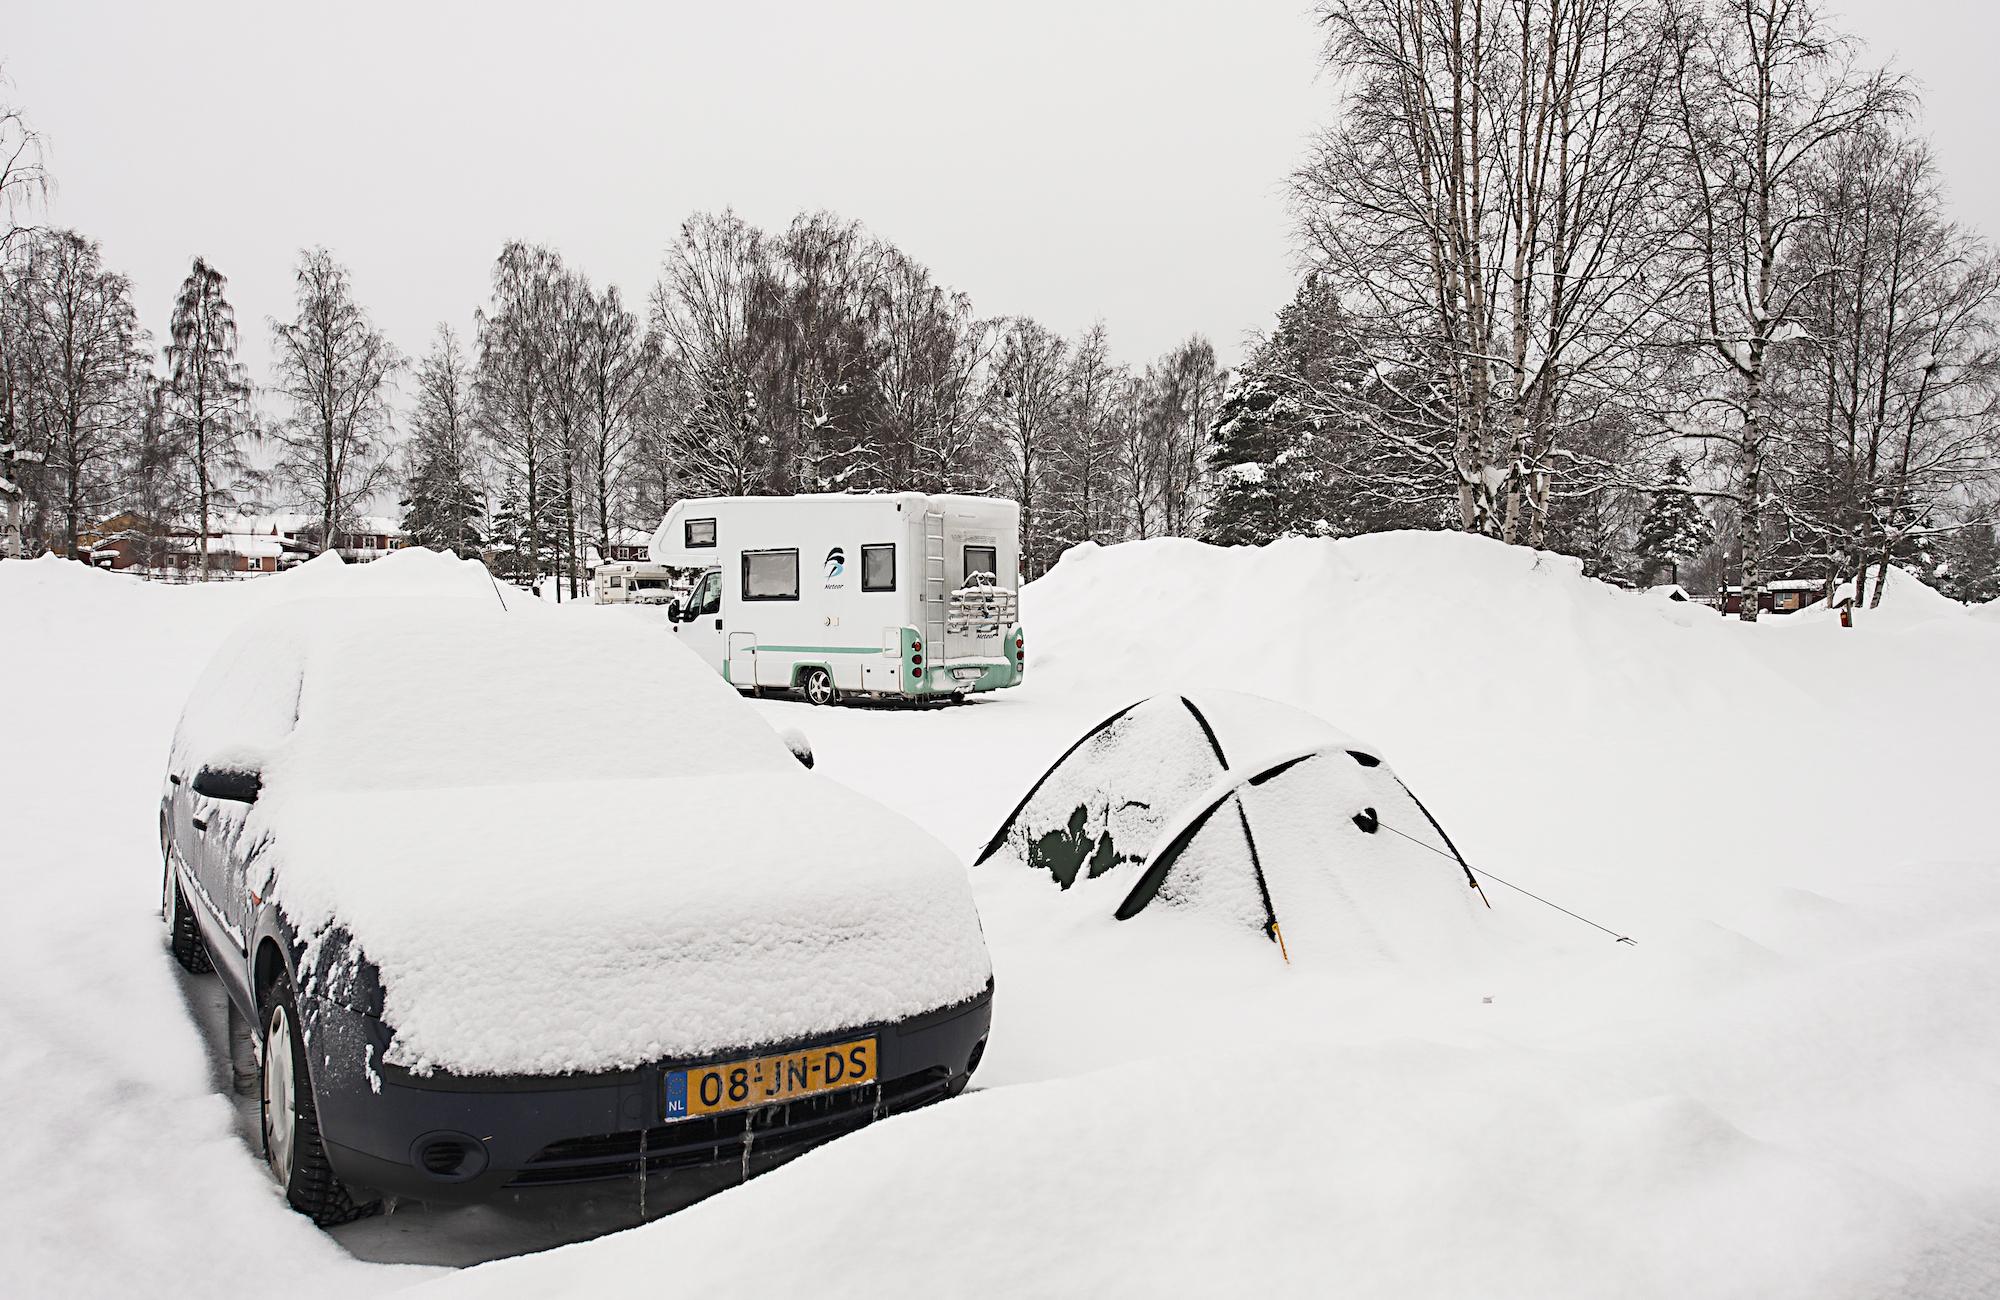 bästa husvagnen för vintercamping